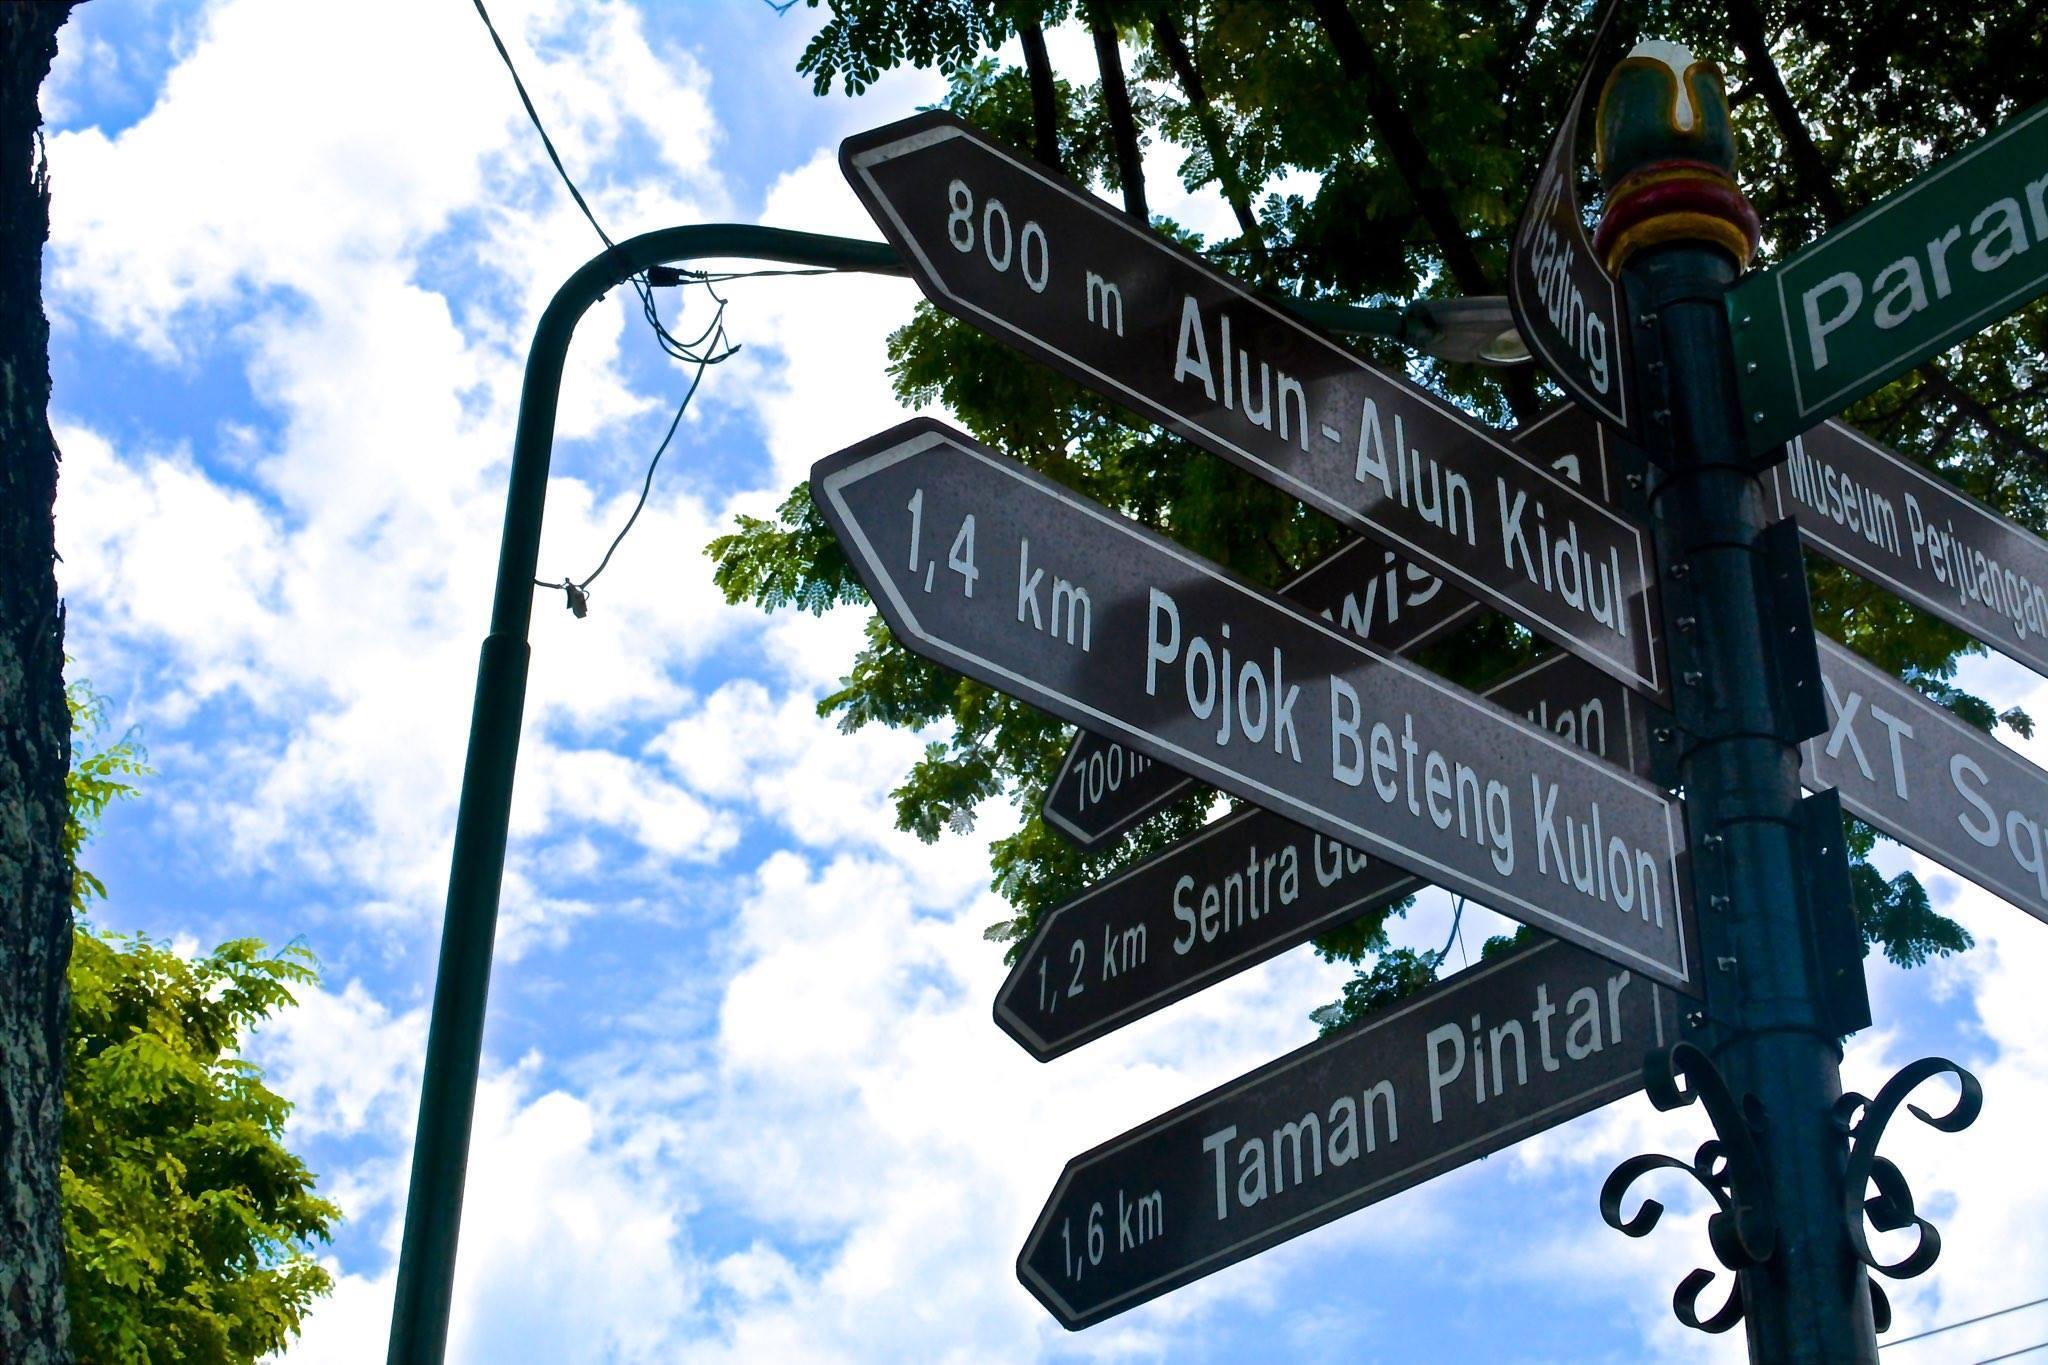 色々な方向を指す標識